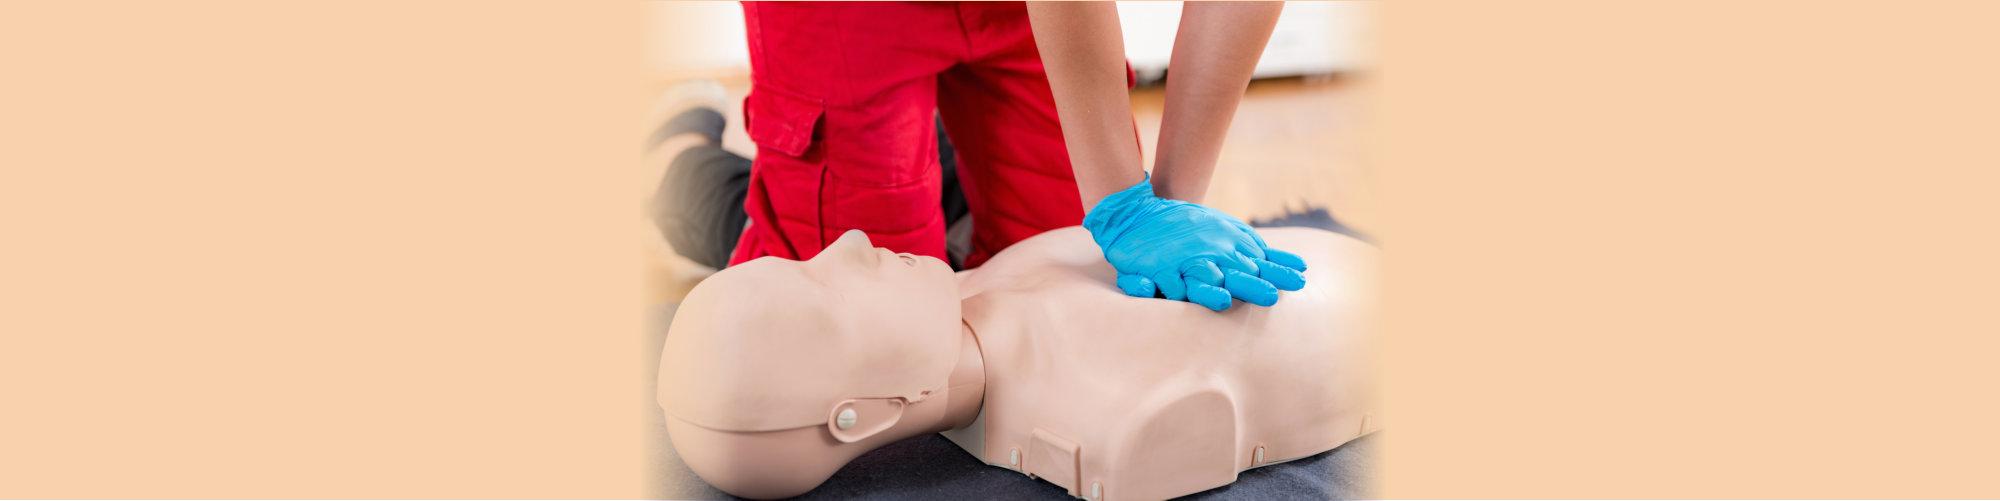 nurse on training